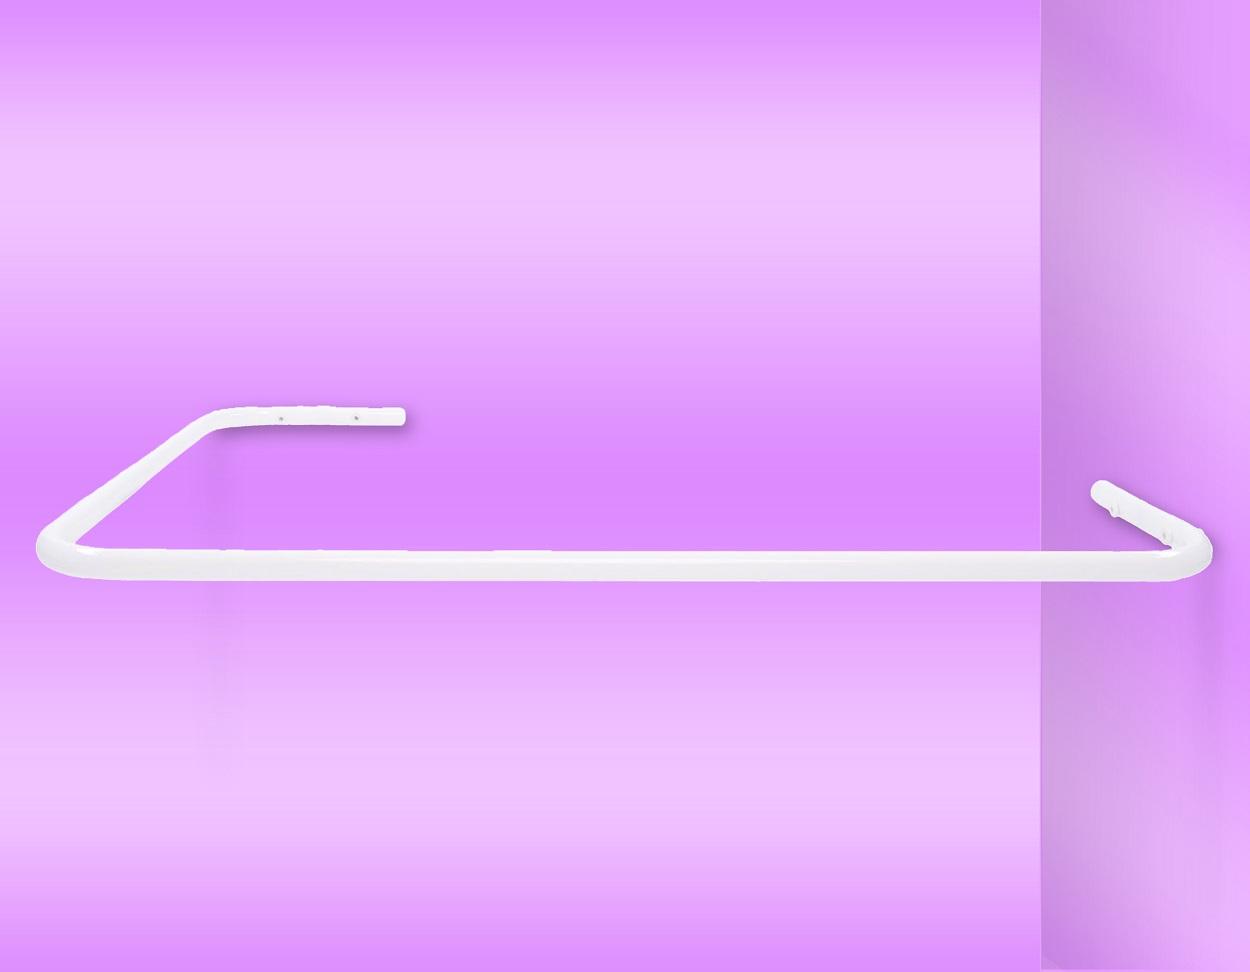 Drążek do zasłony prysznicowej do wanny – Model DS25 70cm x 100cm